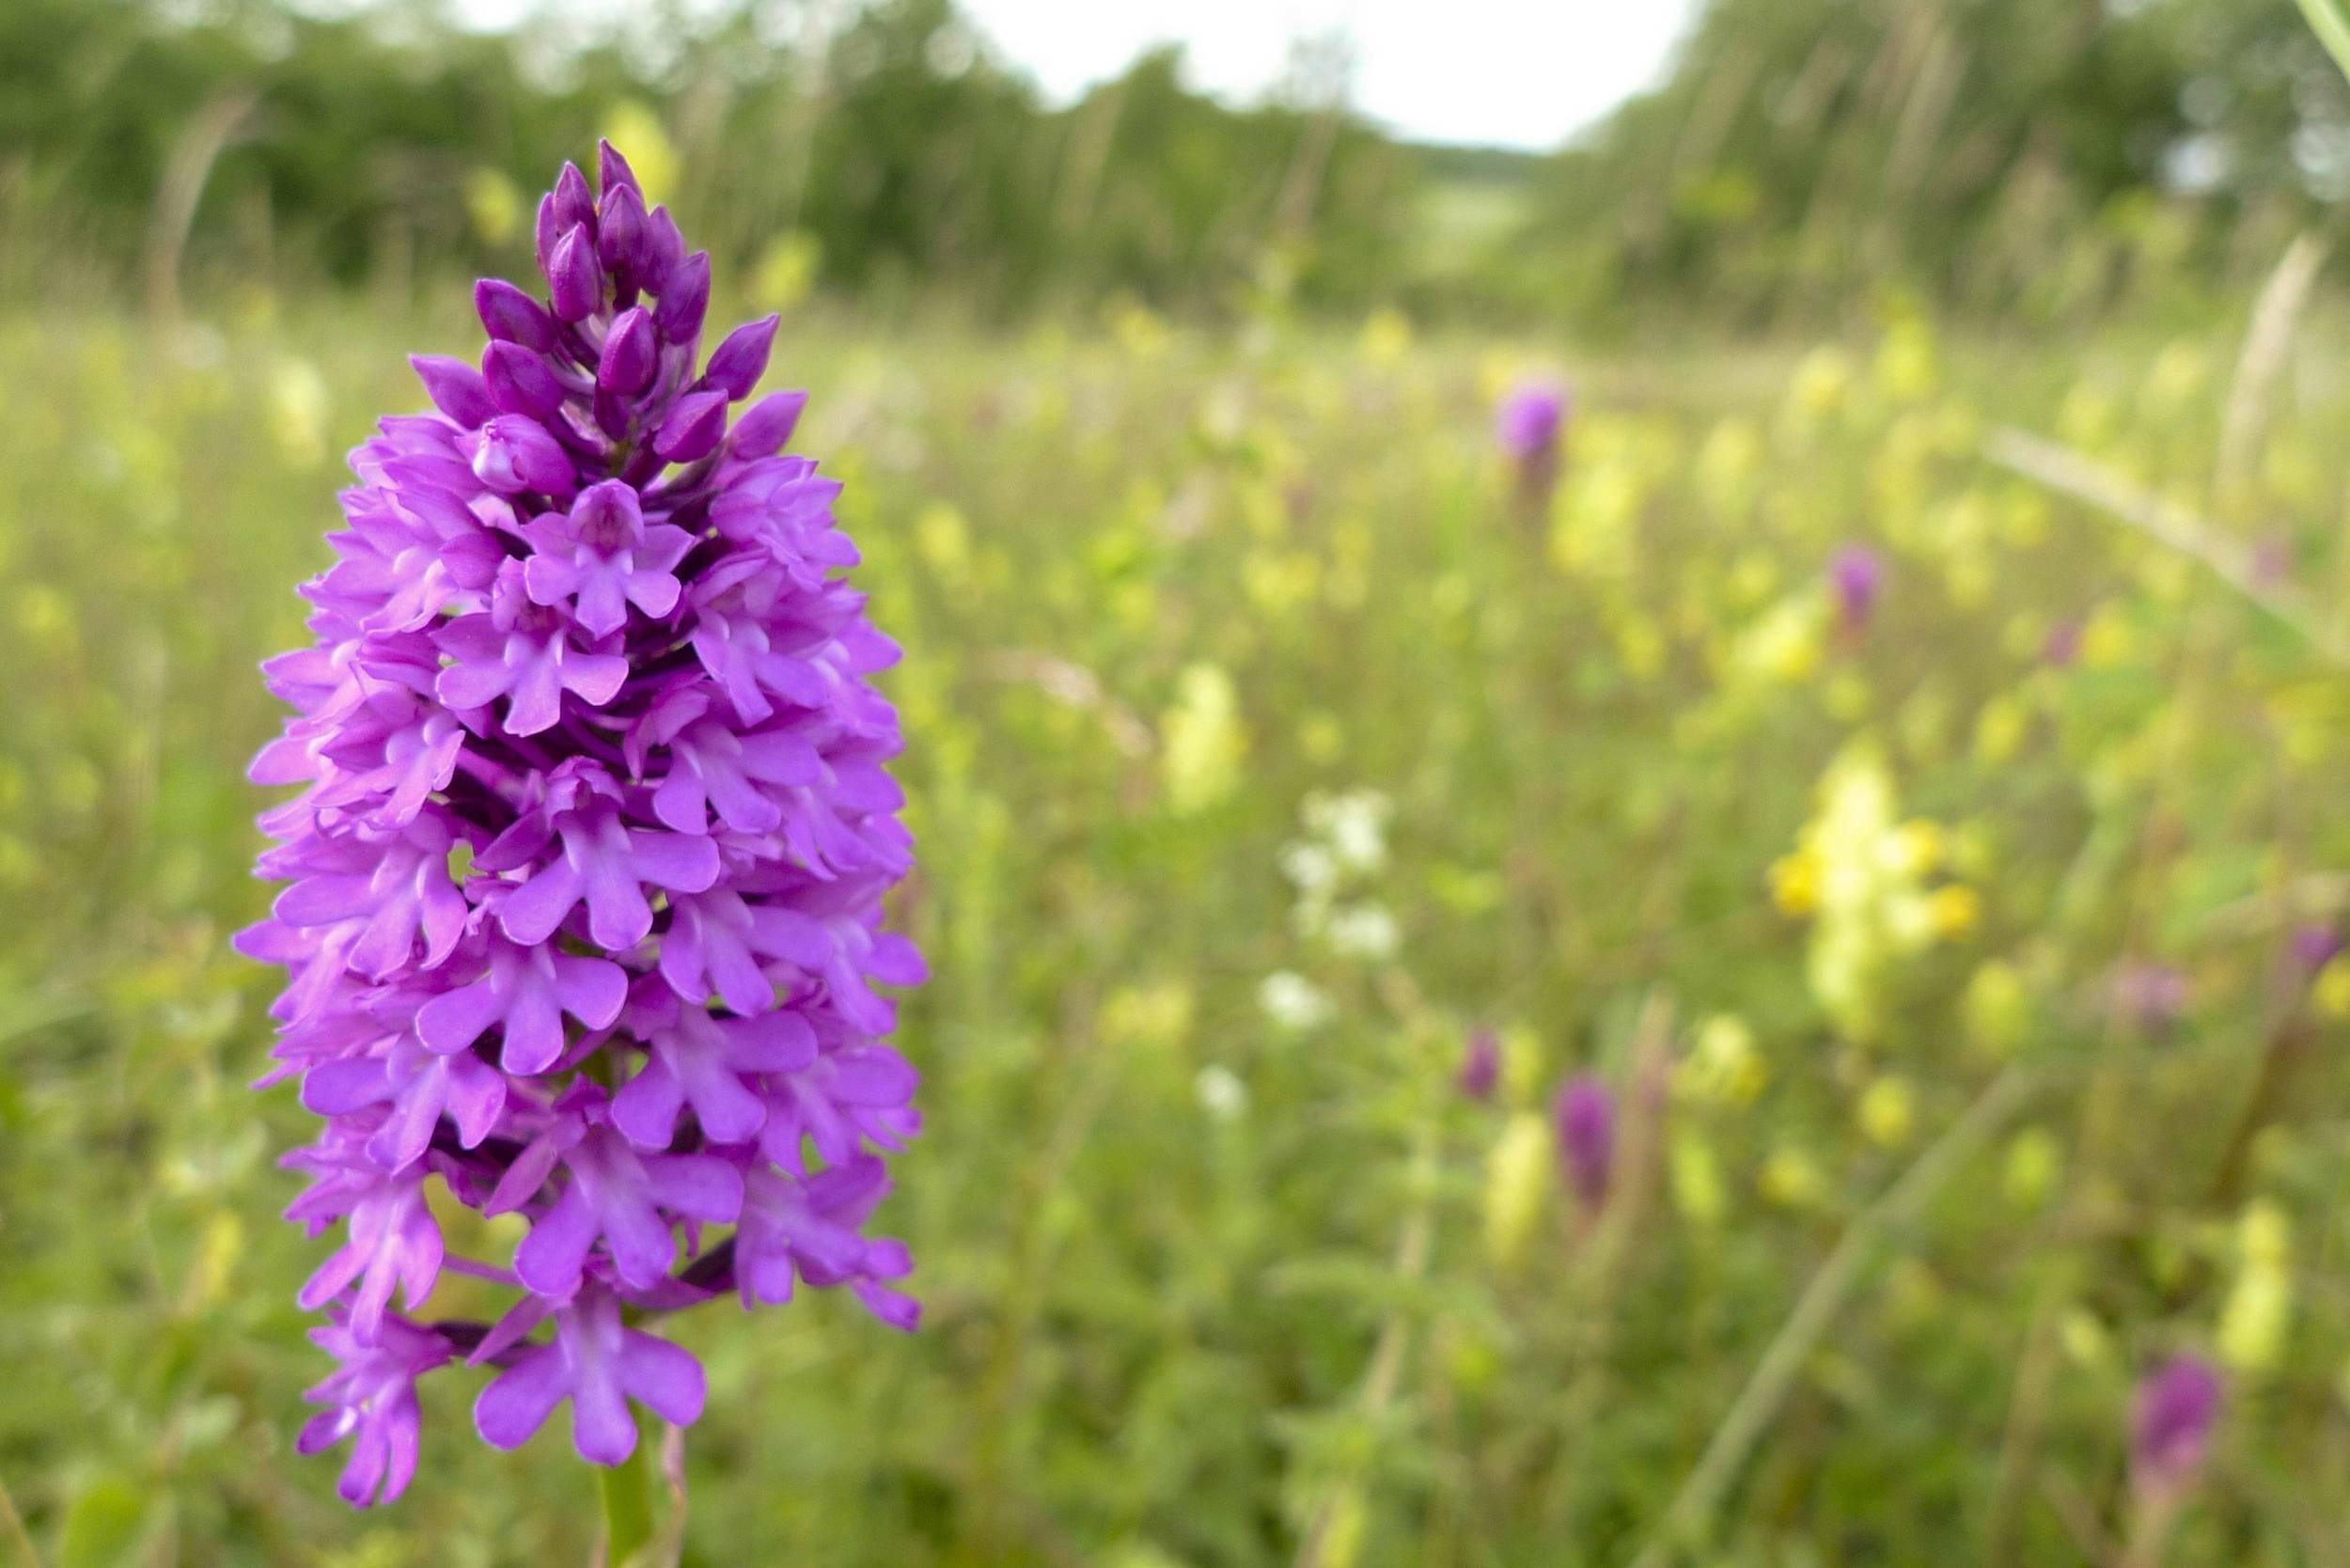 Die üppig blühende Pyramiden-Spitzorchis (Anacamptis pyramidalis) steht in einer Wiese mit weiteren Orchideen.